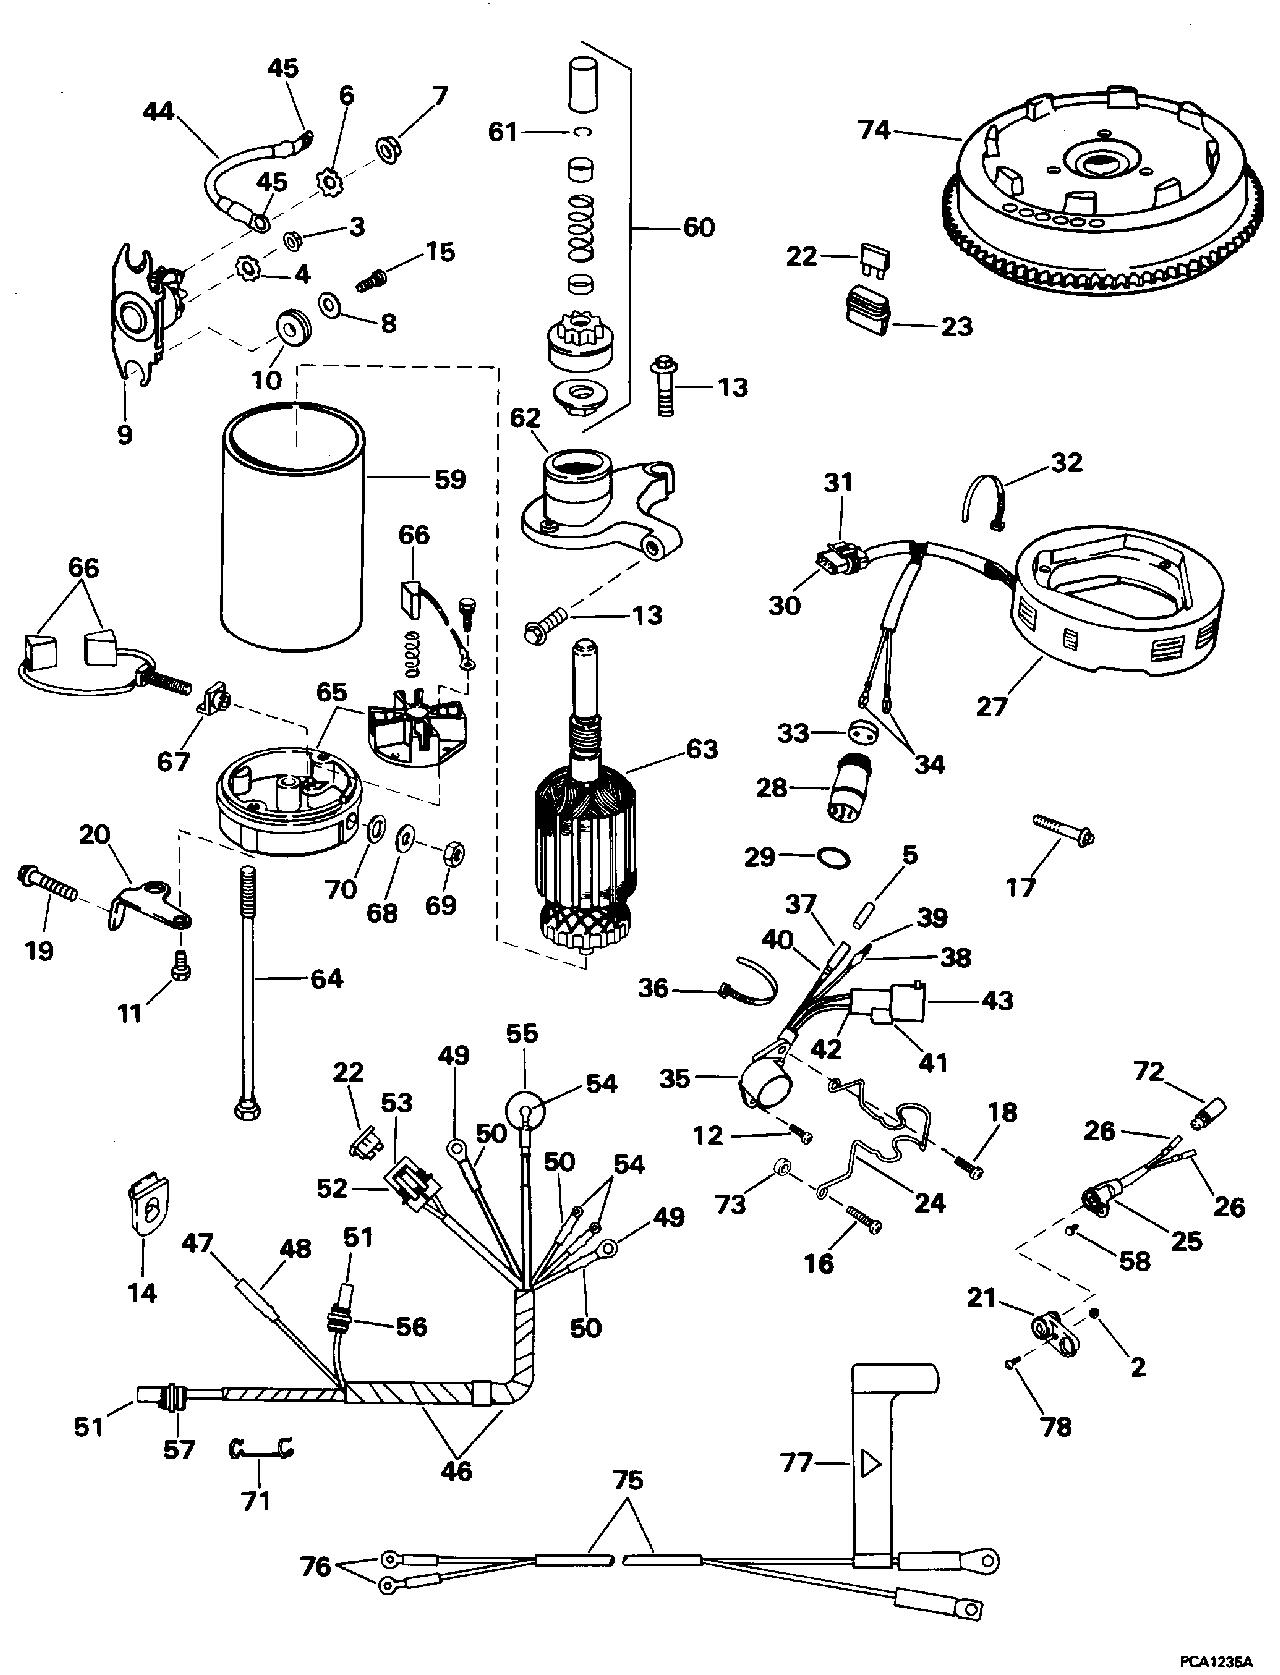 Tiller Electric Start Kit